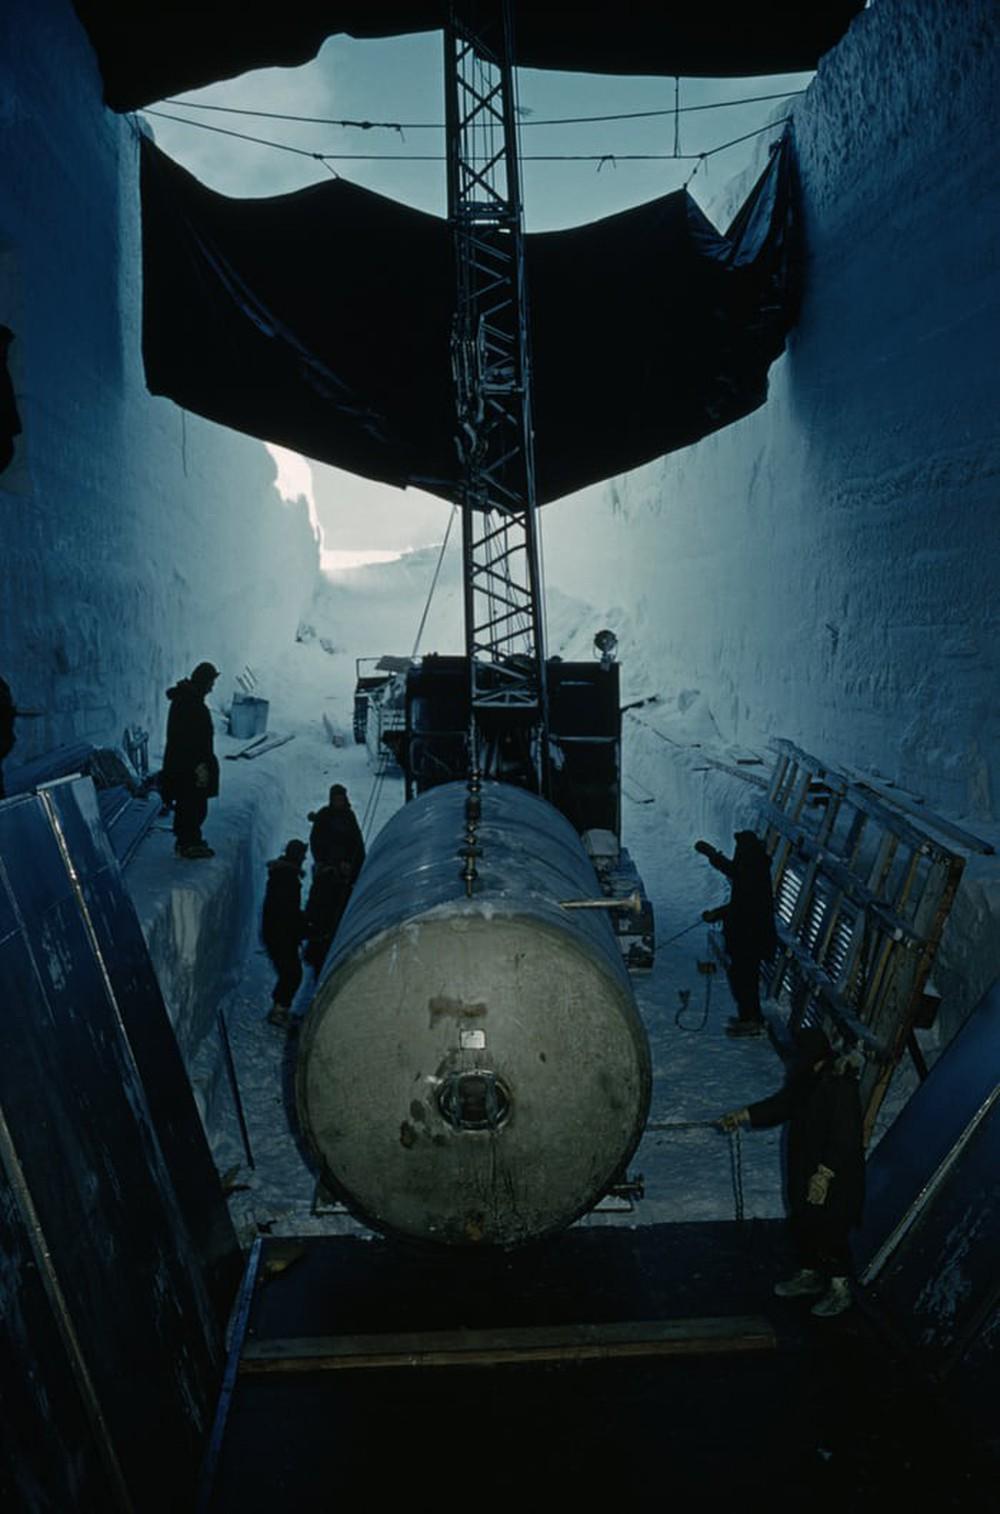 Bí ẩn căn cứ ngầm nơi Mỹ giấu 600 tên lửa hạt nhân: Có thể sờ gáy Liên Xô bất cứ lúc nào - Ảnh 4.